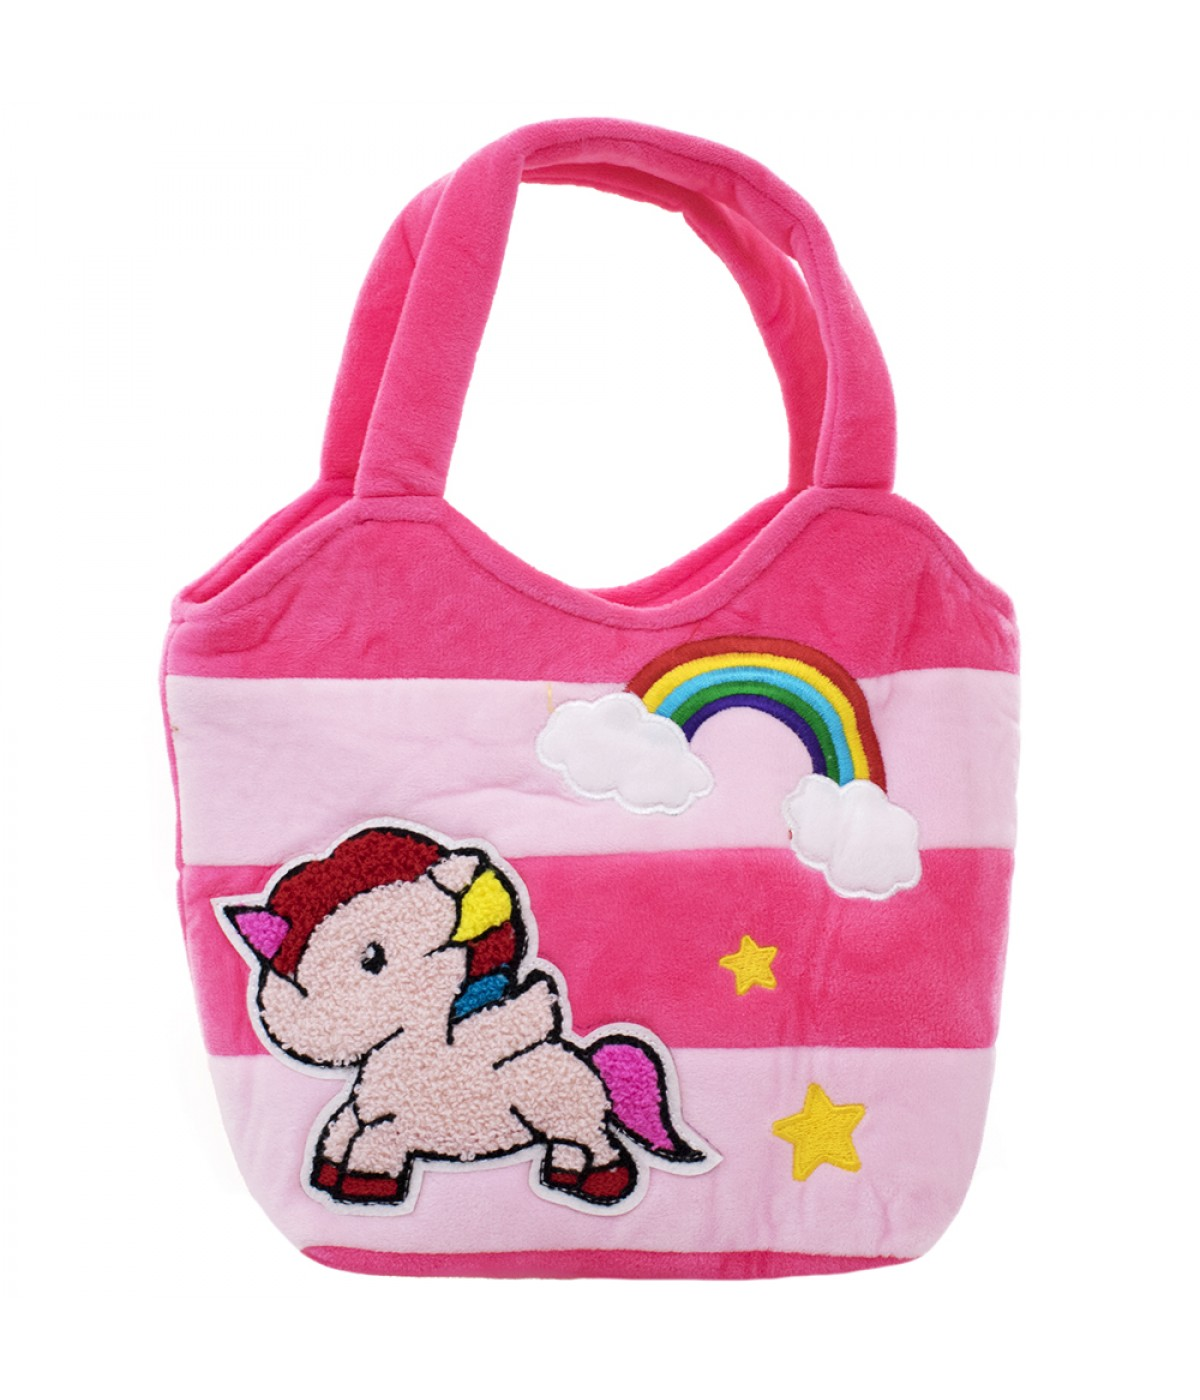 Bolsa De Mão R$ : Bolsa de m?o infantil unicornio r em mercado livre